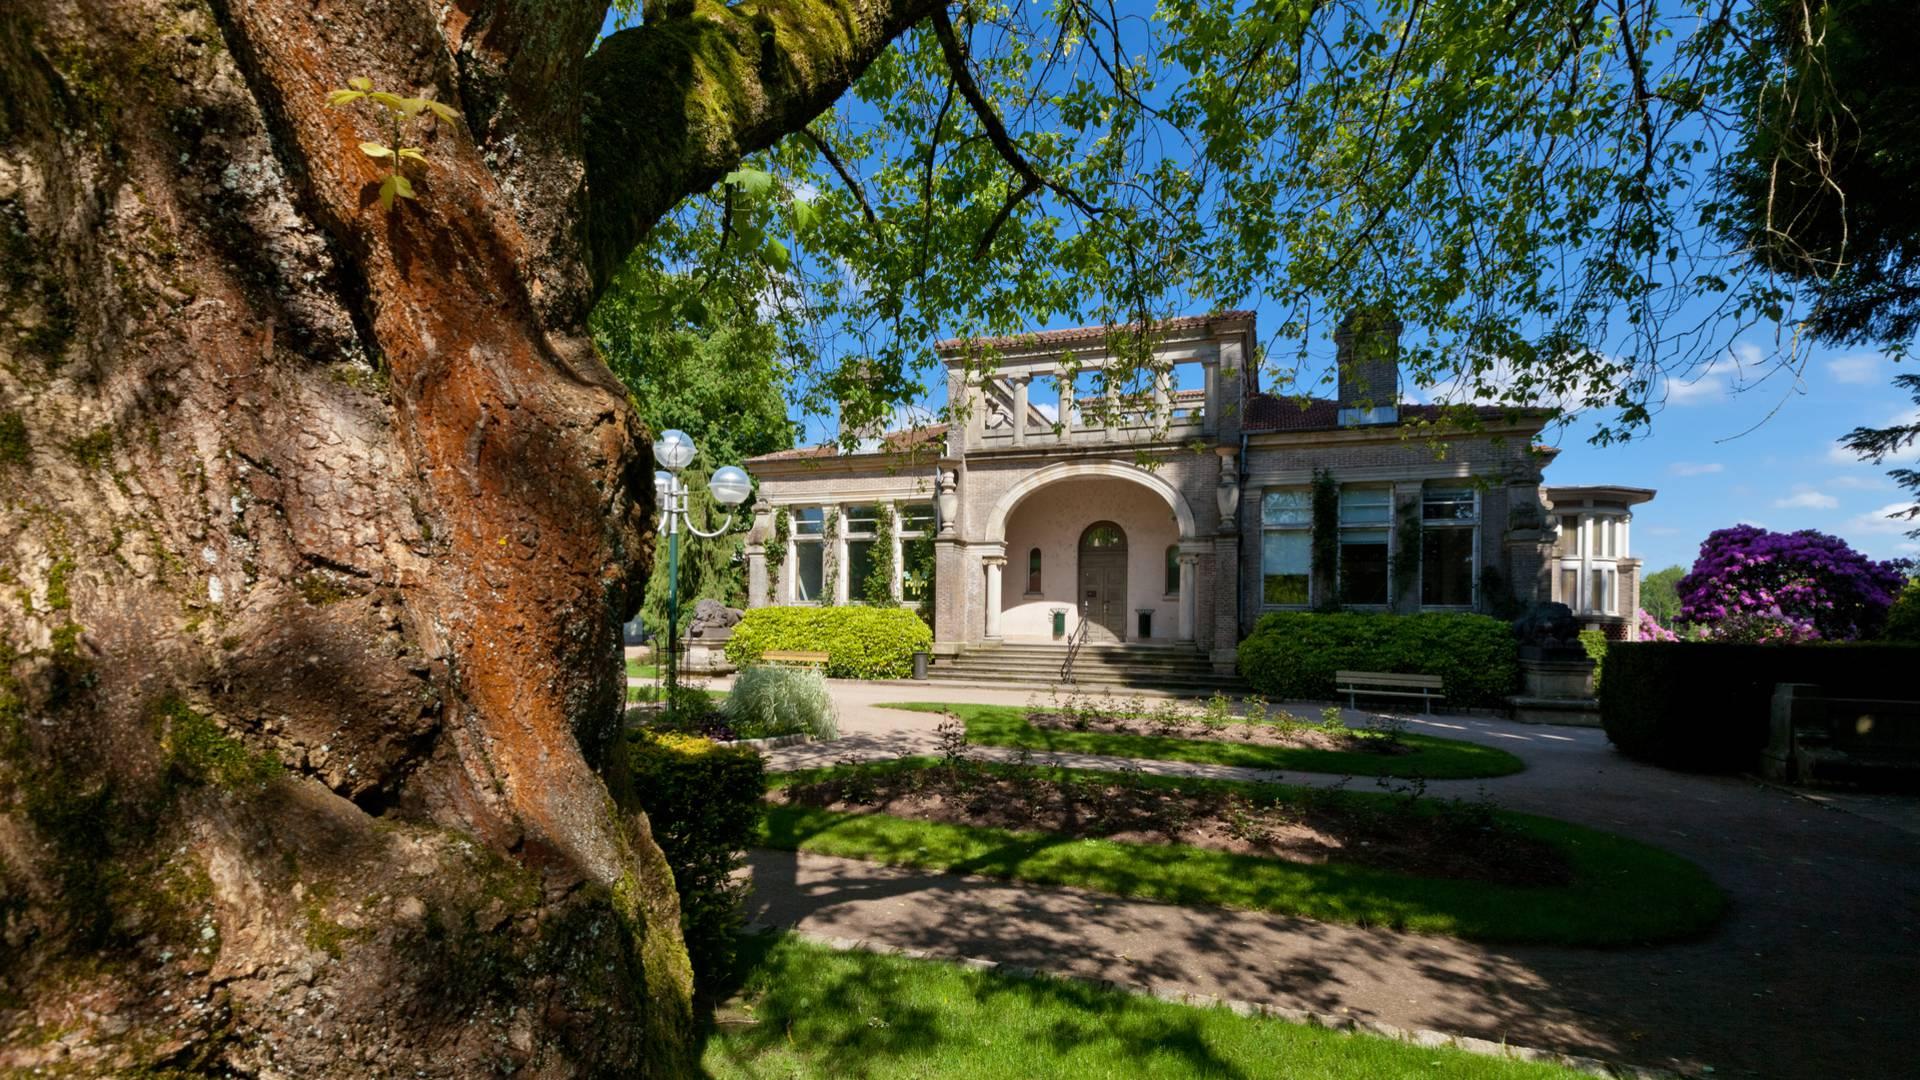 Maison Romaine Epinal - Roseraie Epinal - Patrimoine Epinal